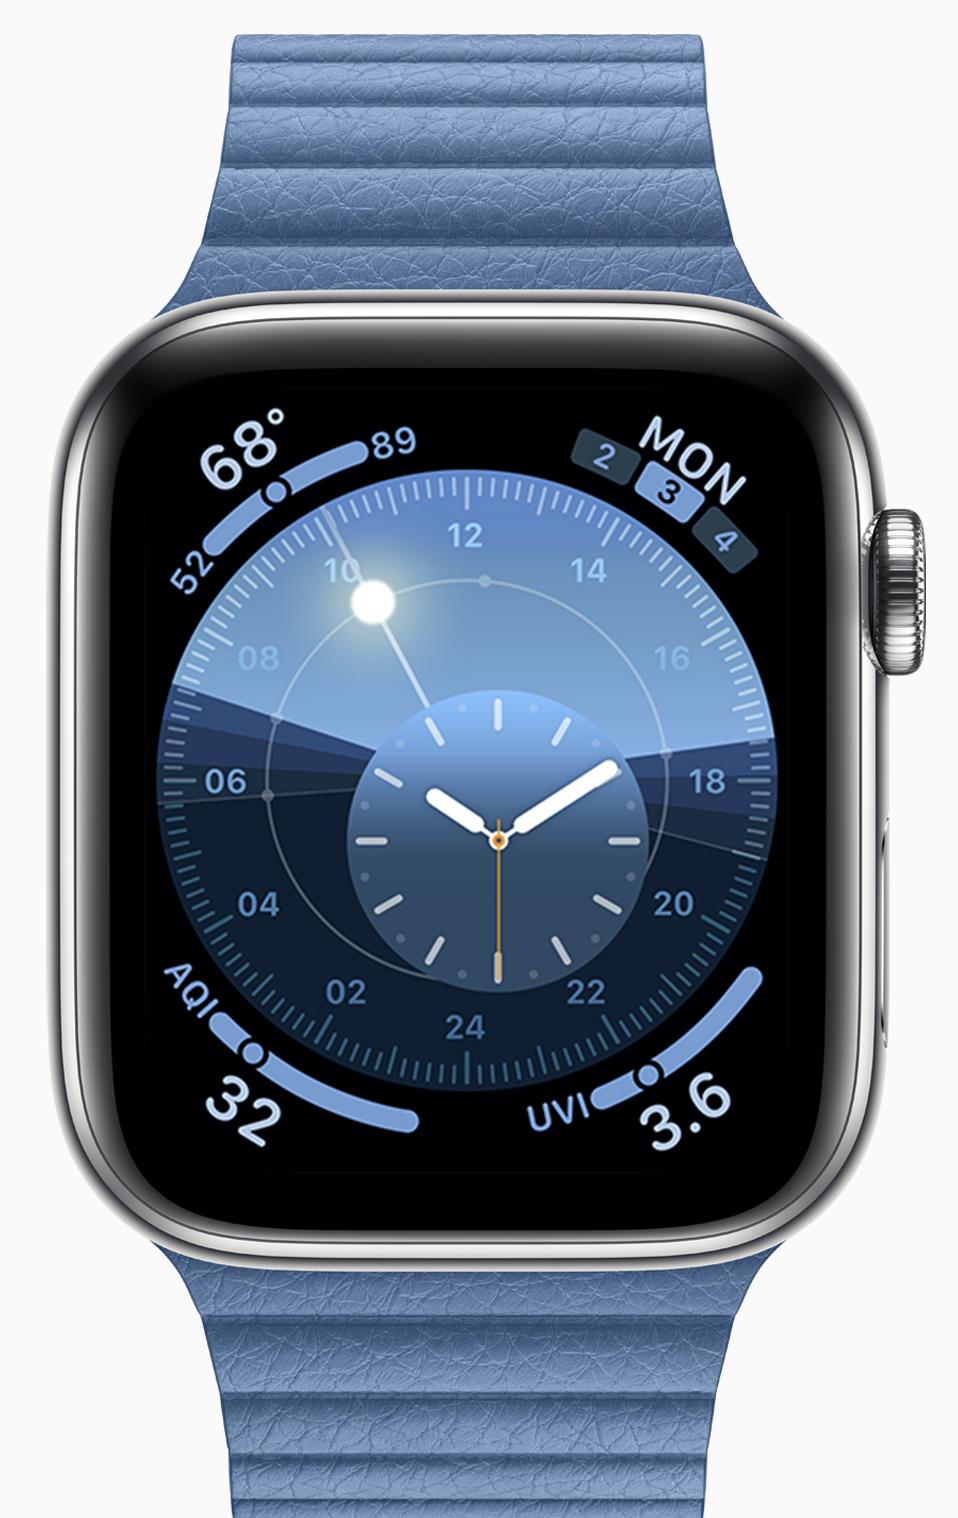 Apple posts first developer beta of watchOS 6.2.5